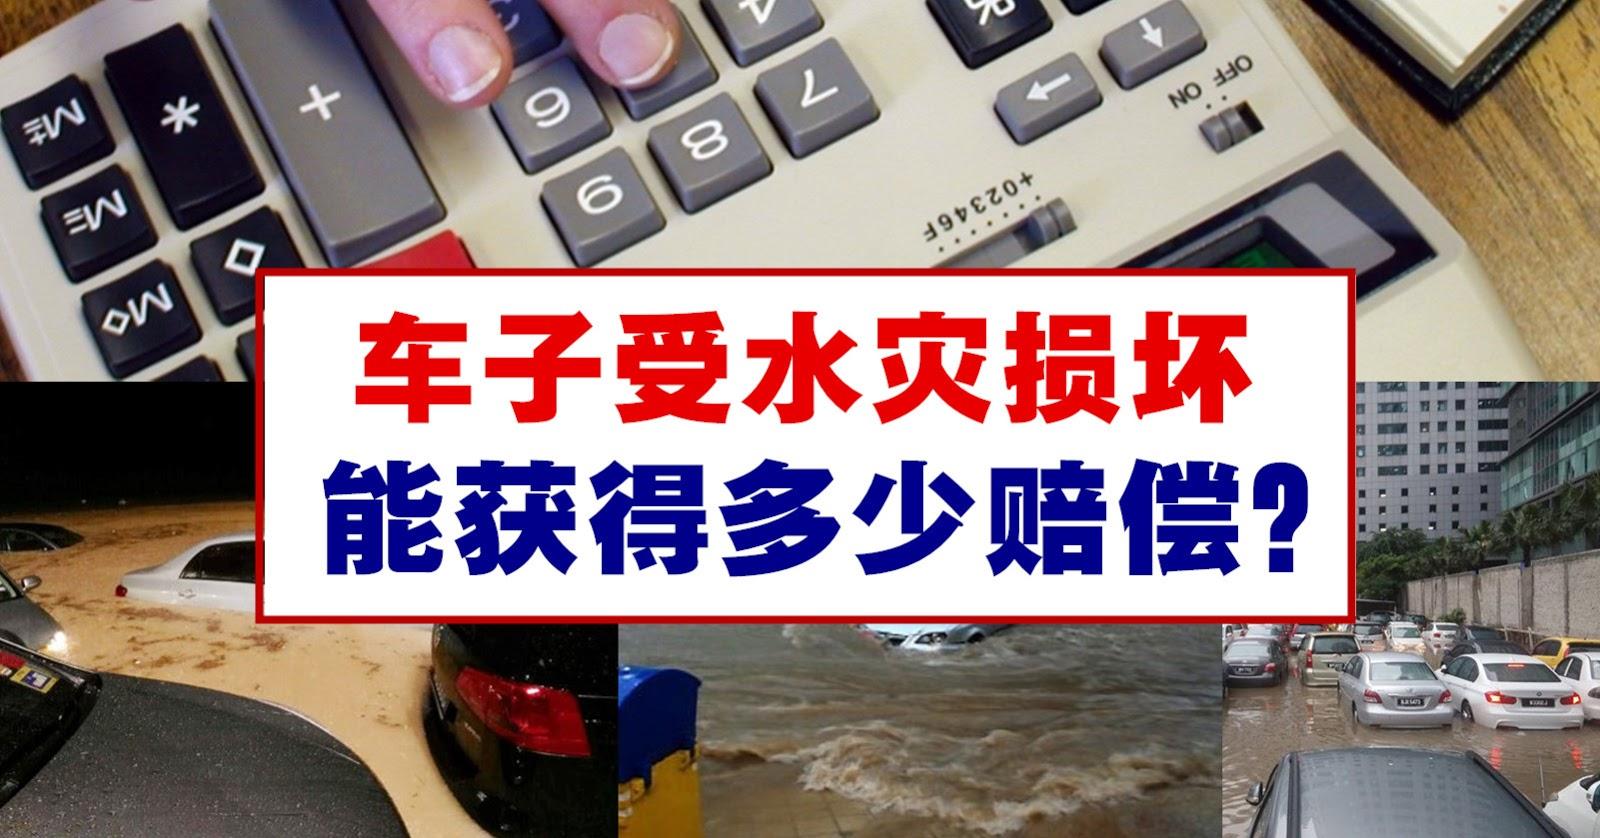 车子受水灾损坏,可获得多少赔偿?